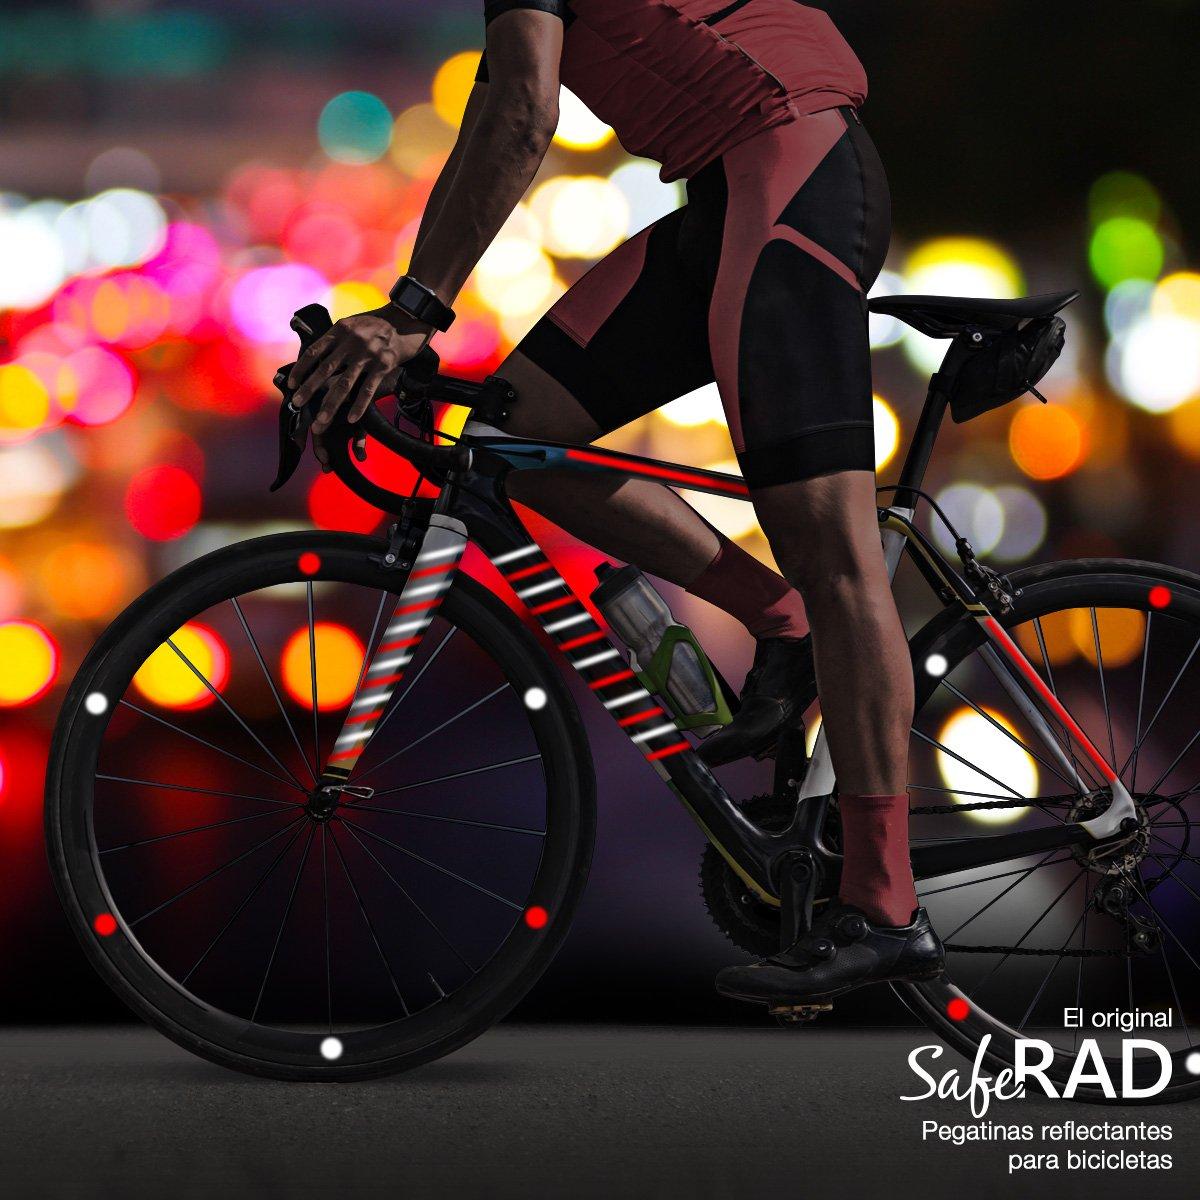 Pegatinas reflectantes para bicicletas